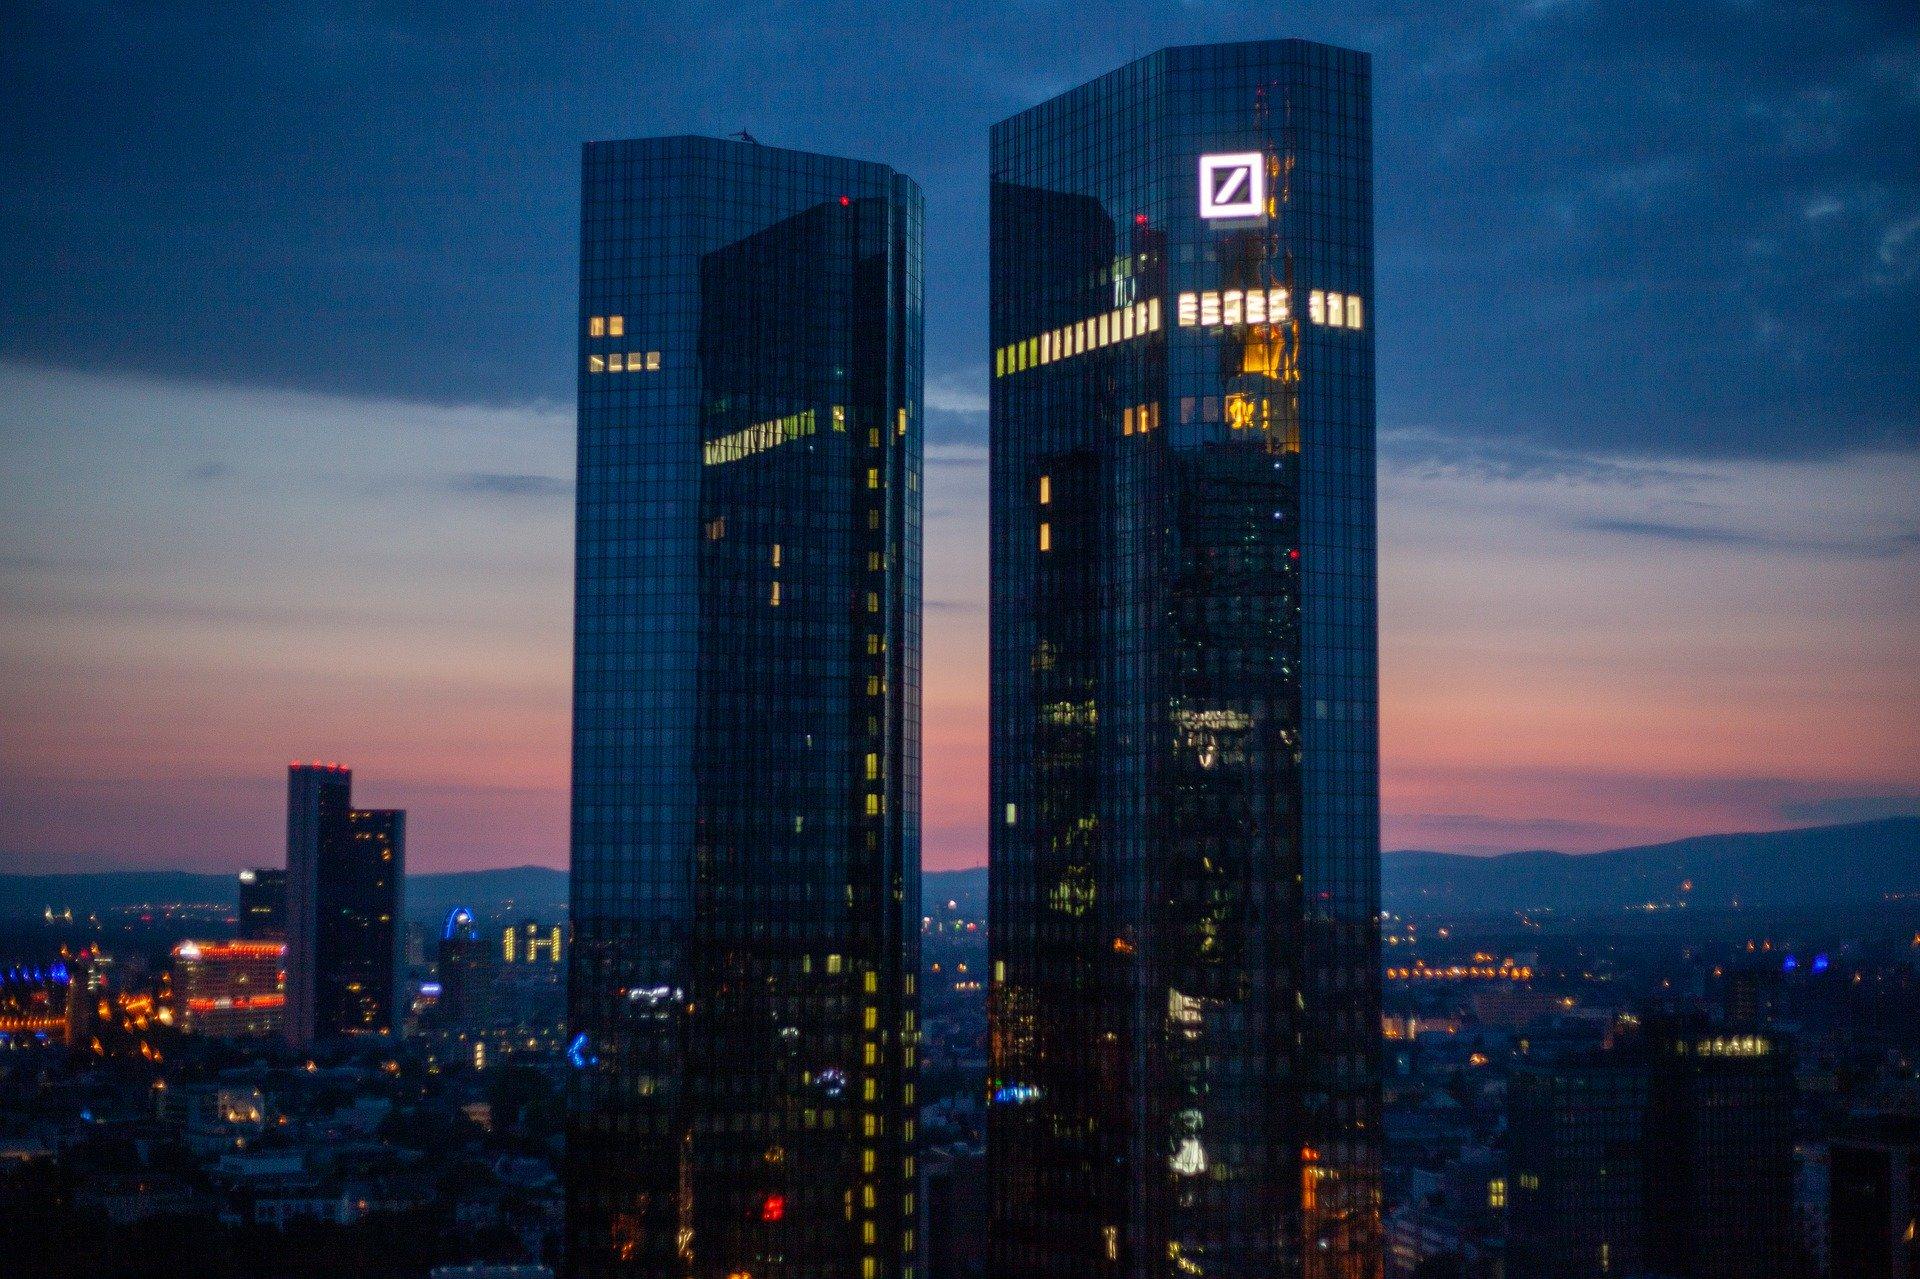 Deutsche Bank Turme In Frankfurt Bildrechte Jasmin Sessler Auf Pixabay 4495552 1920